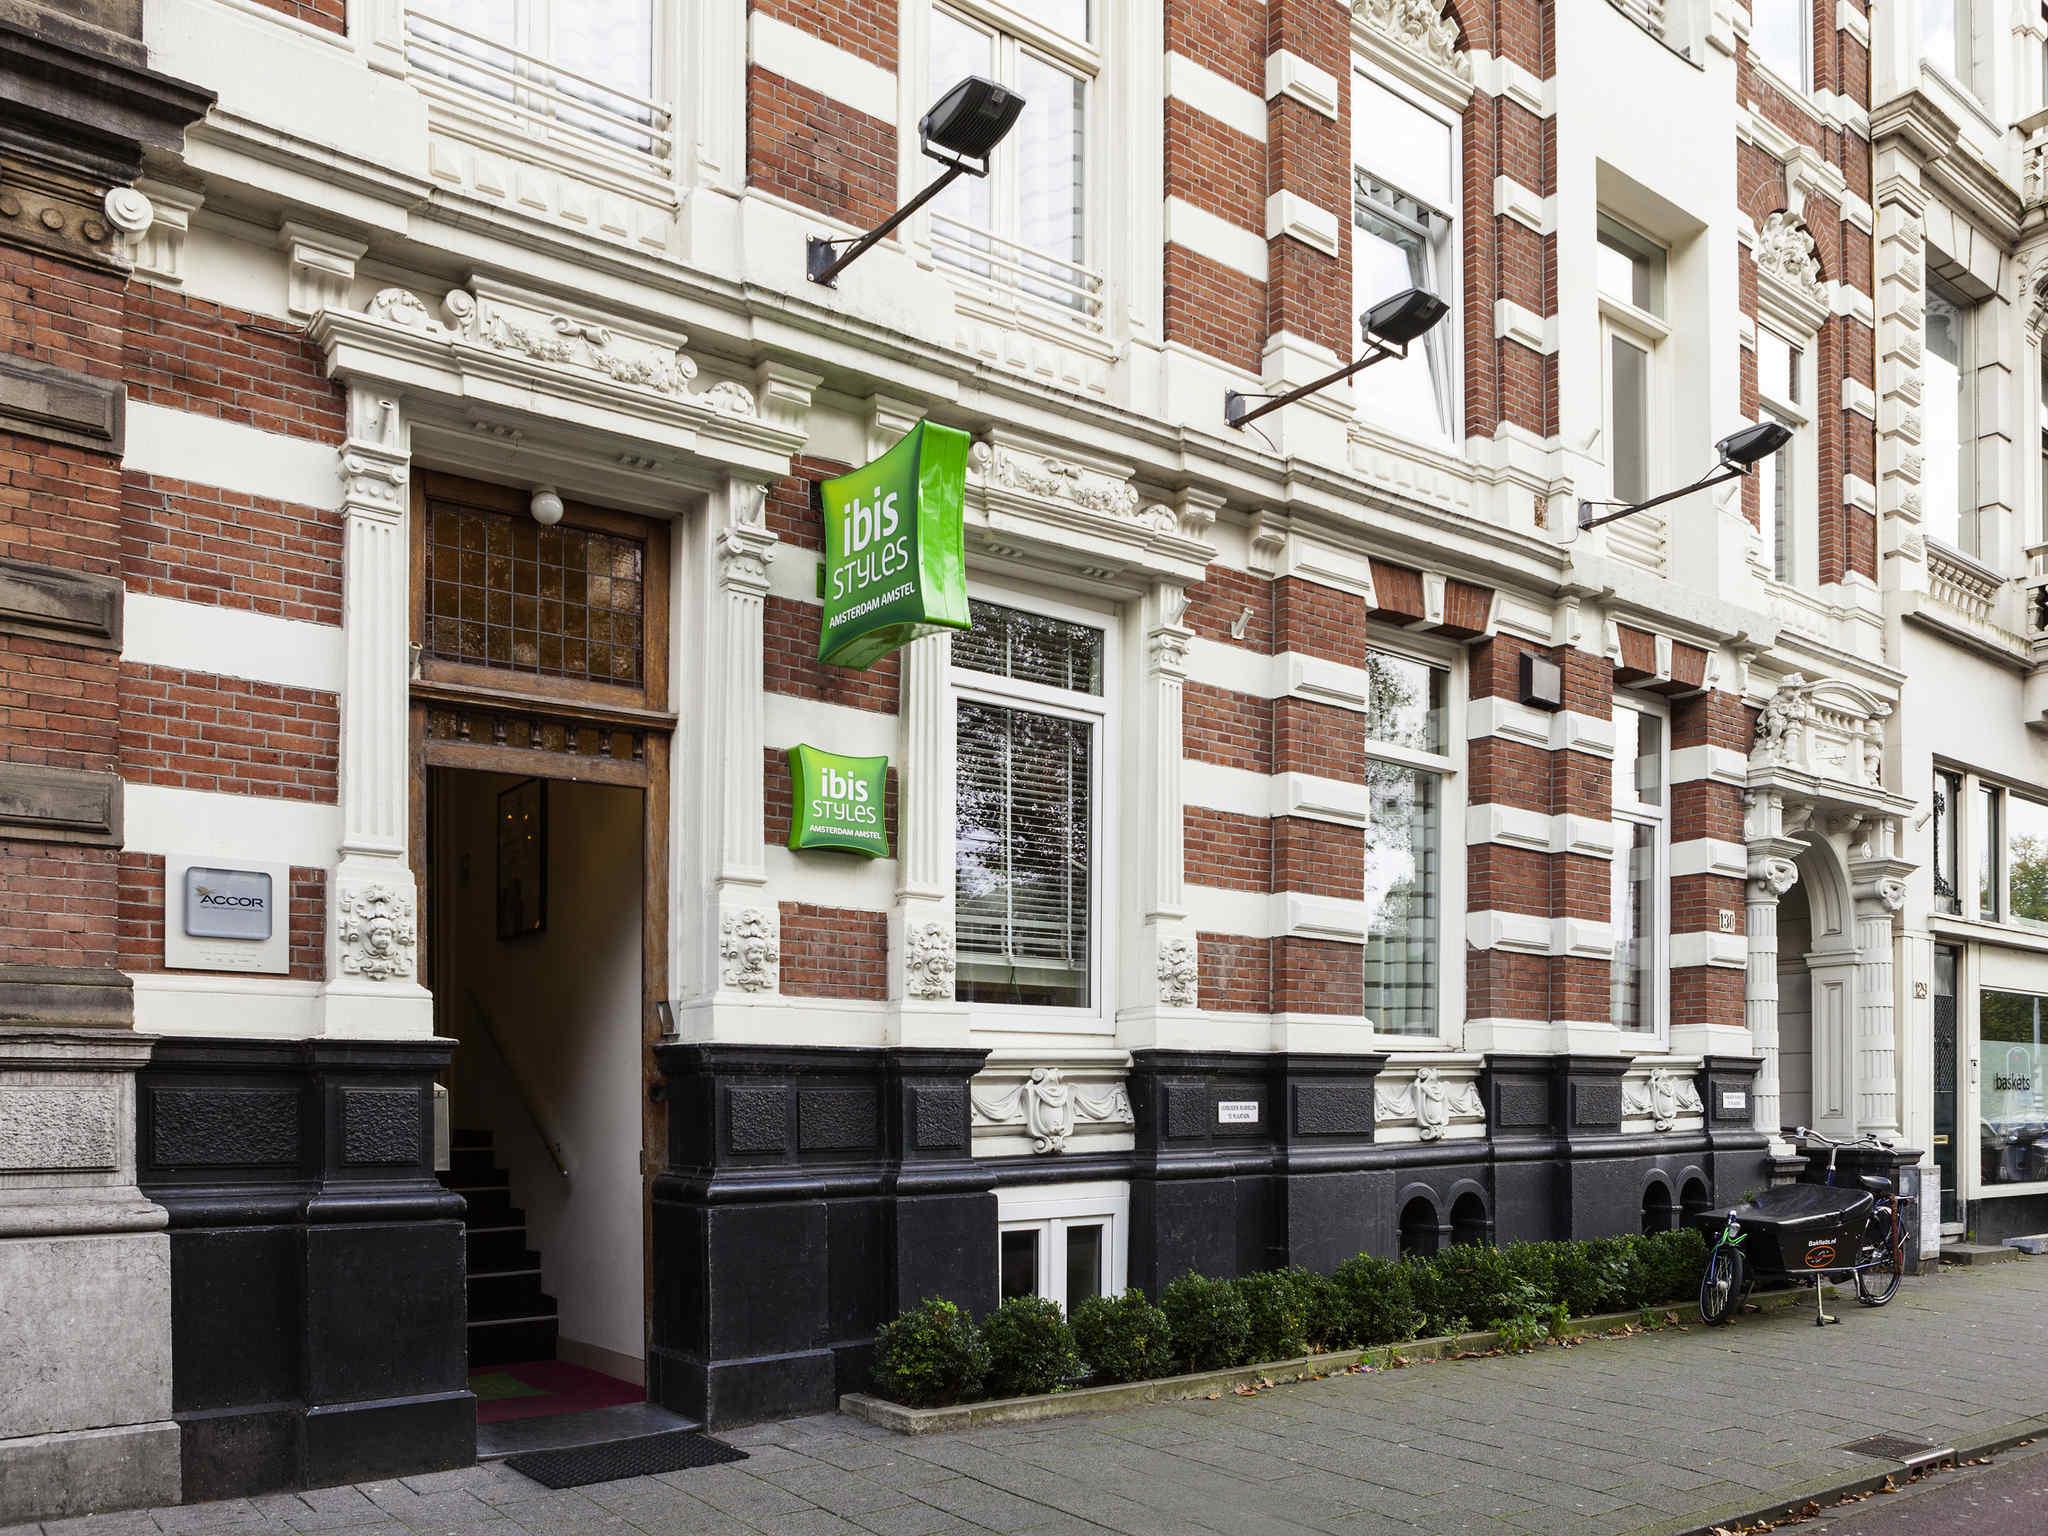 โรงแรม – ไอบิส สไตล์ อัมสเตอร์ดัม อัมสเทล